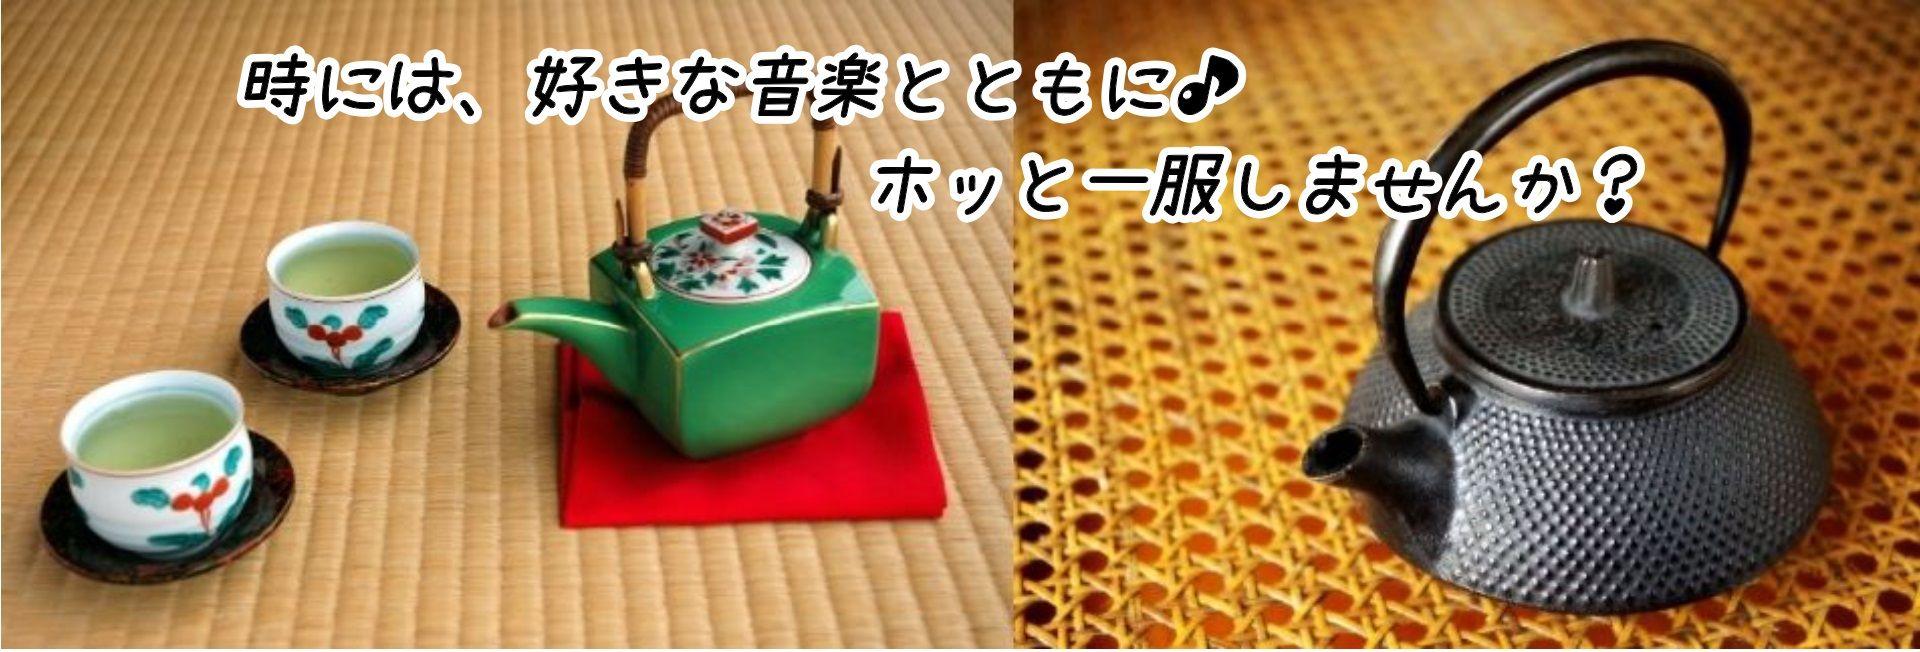 お茶の谷島園 WEB SHOP